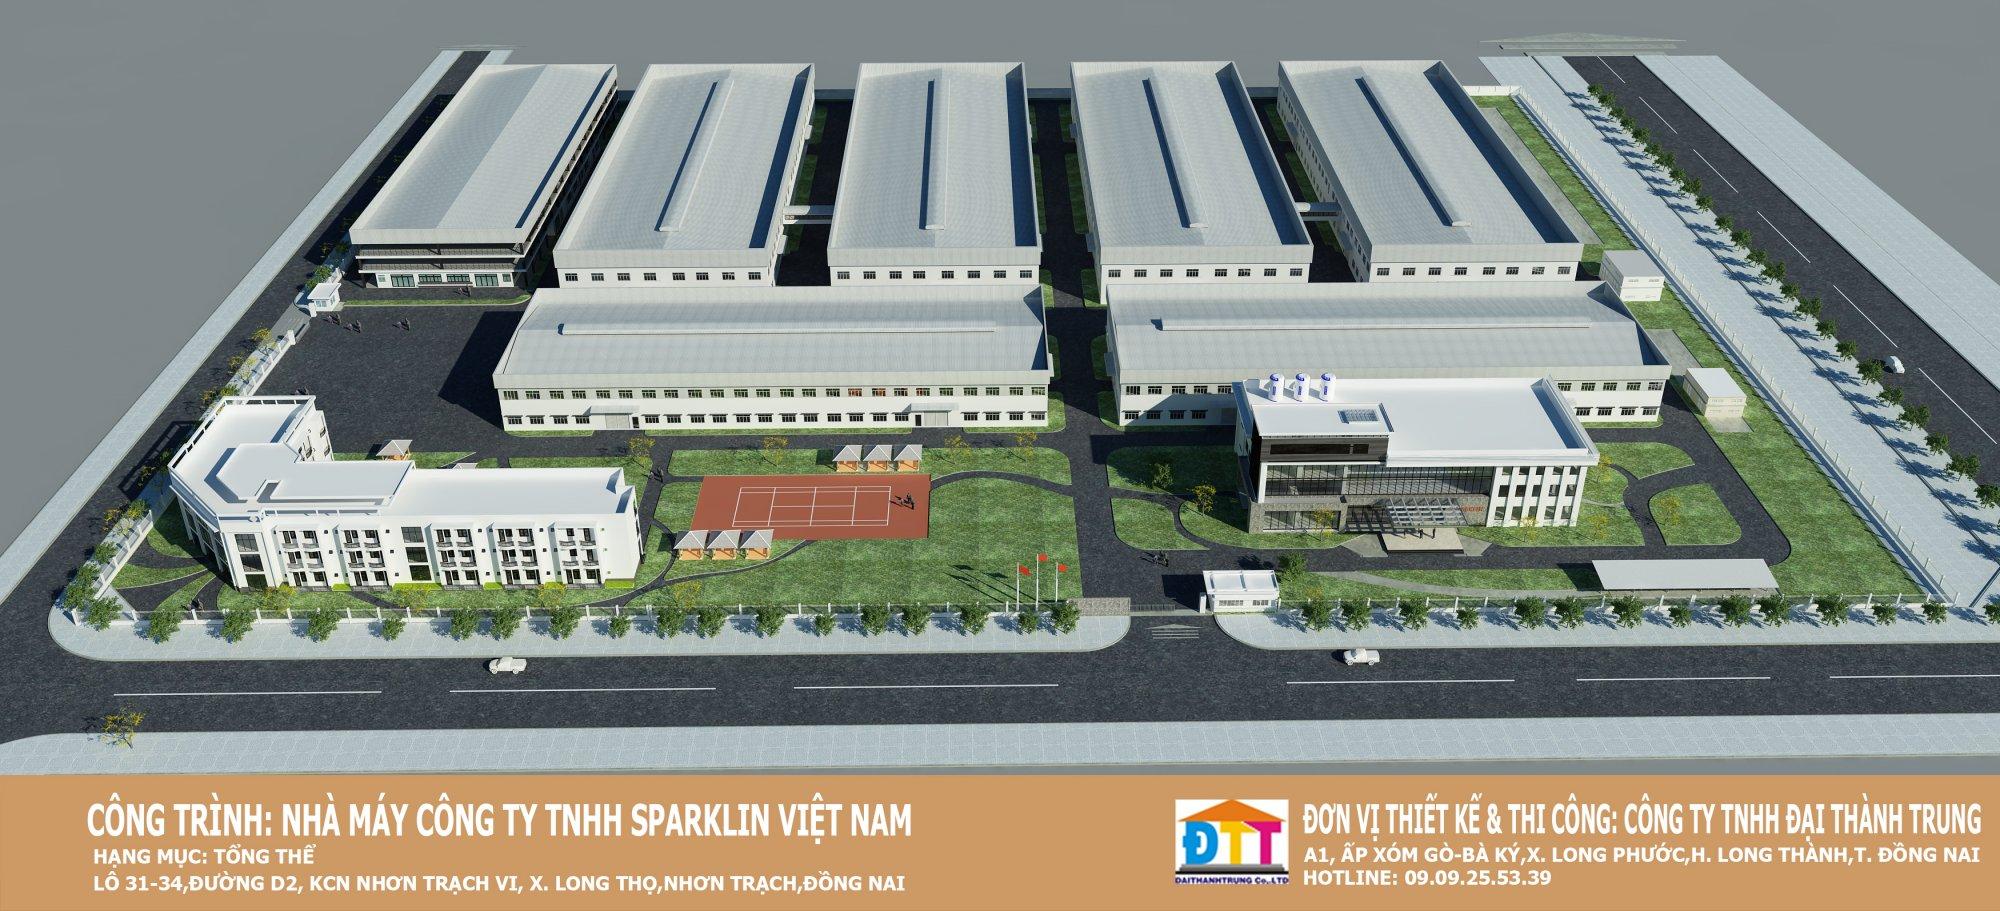 Công trình SPARKLIN - Khu công nghiệp nhơn trạch 6